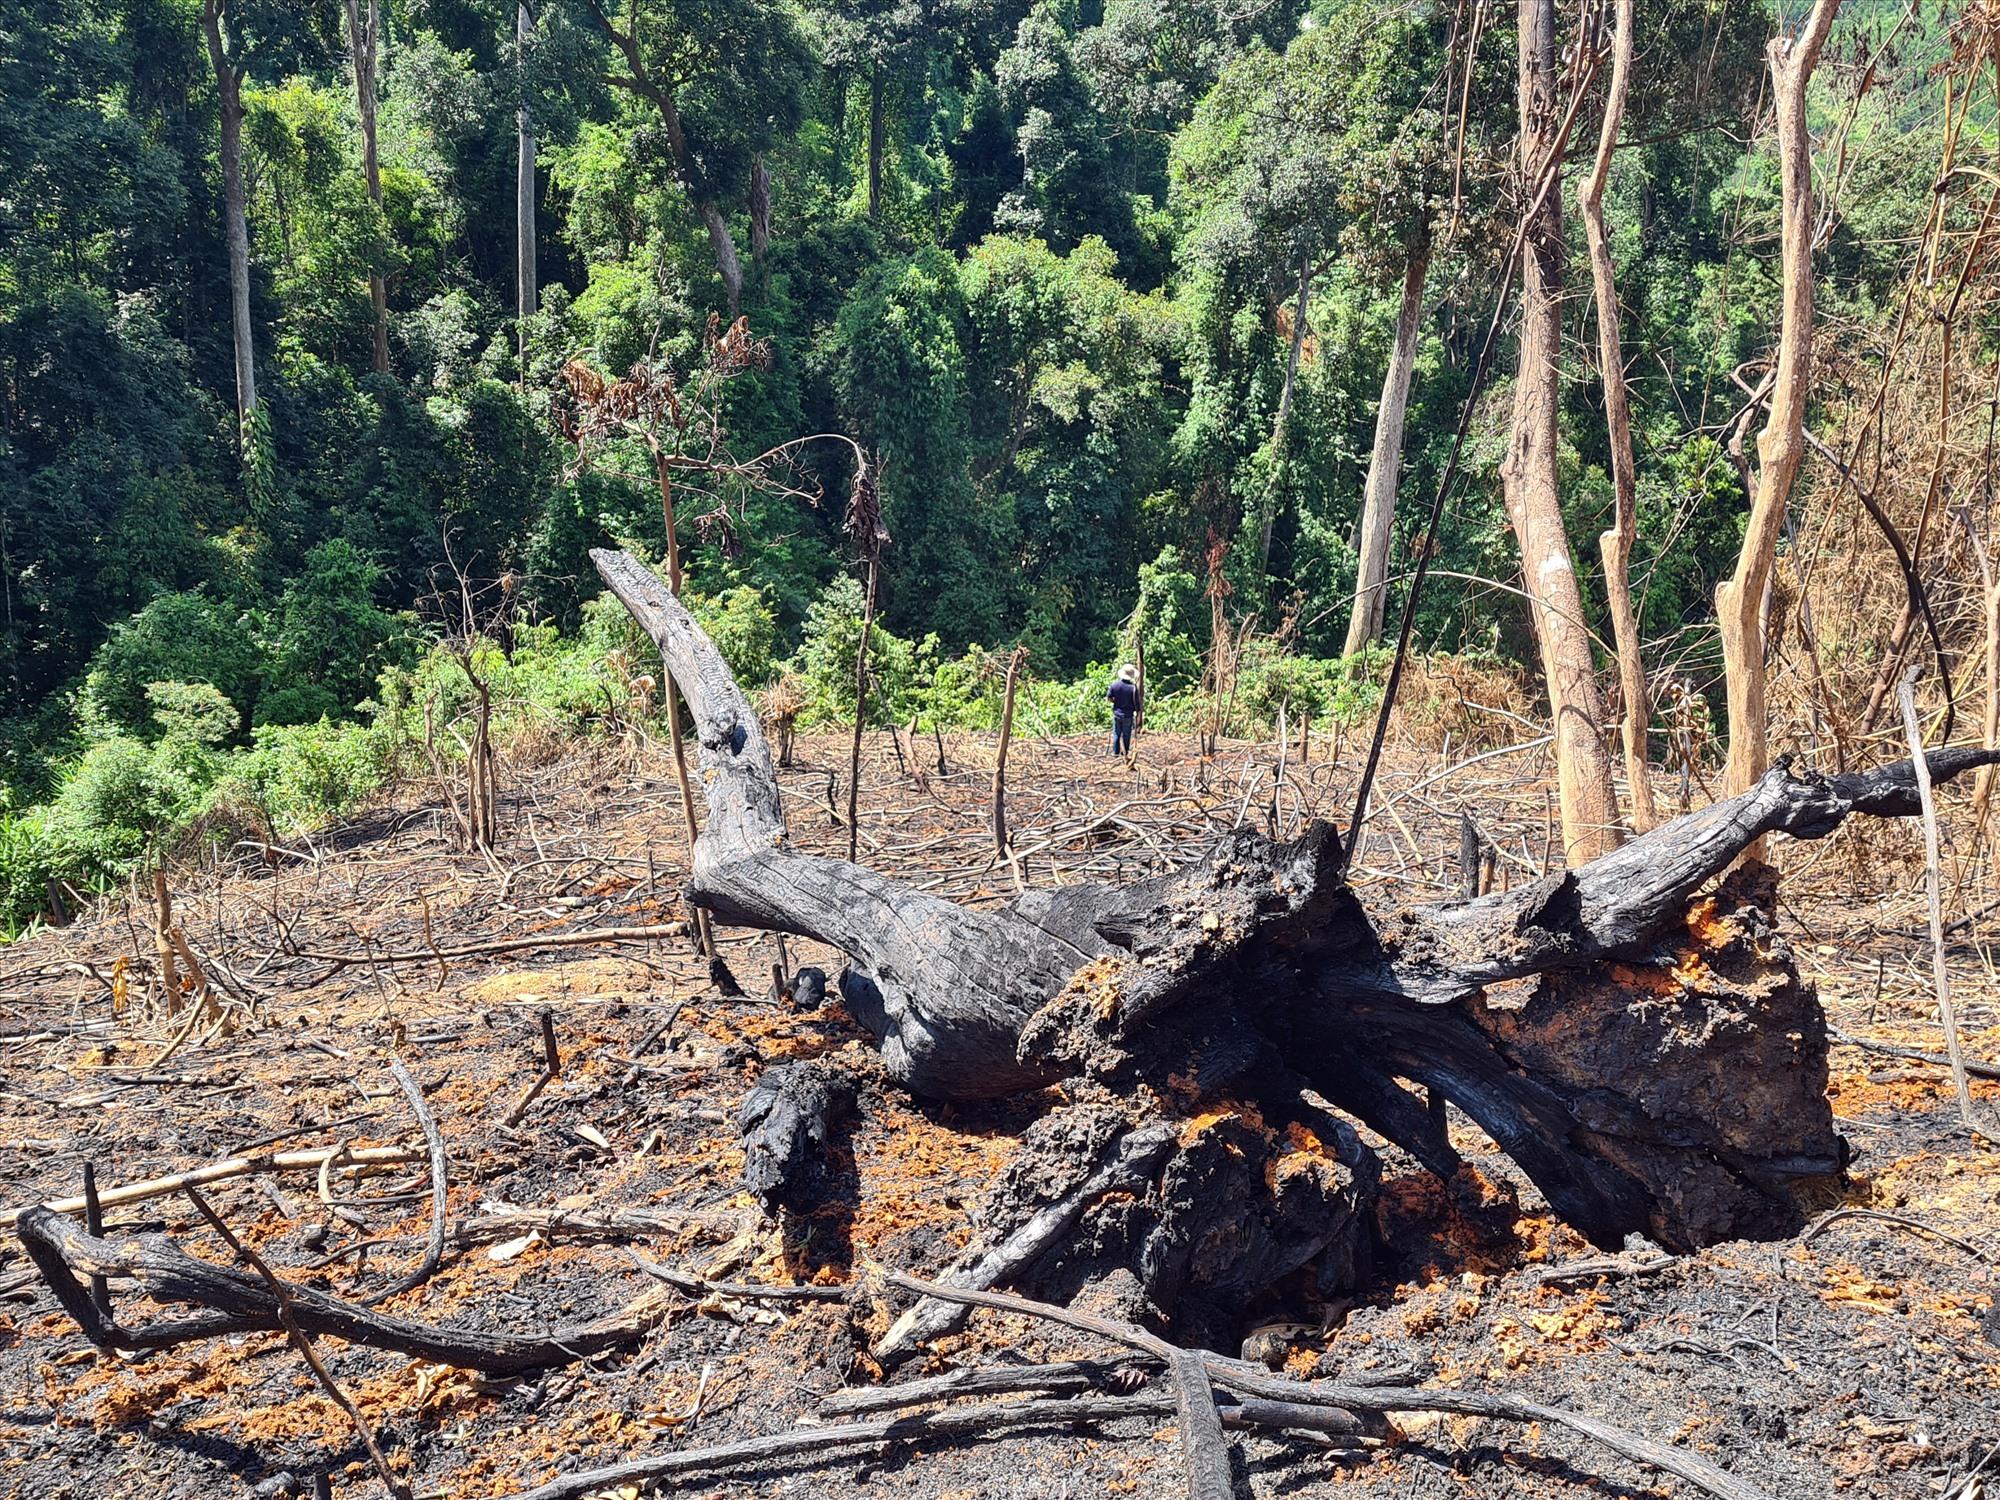 Đốt thực bì khiến nhiều cây gỗ bị cháy đen trong khoảnh 3, 4, 5 Tiểu khu 689 xã Phước Kim. Ảnh: T.N